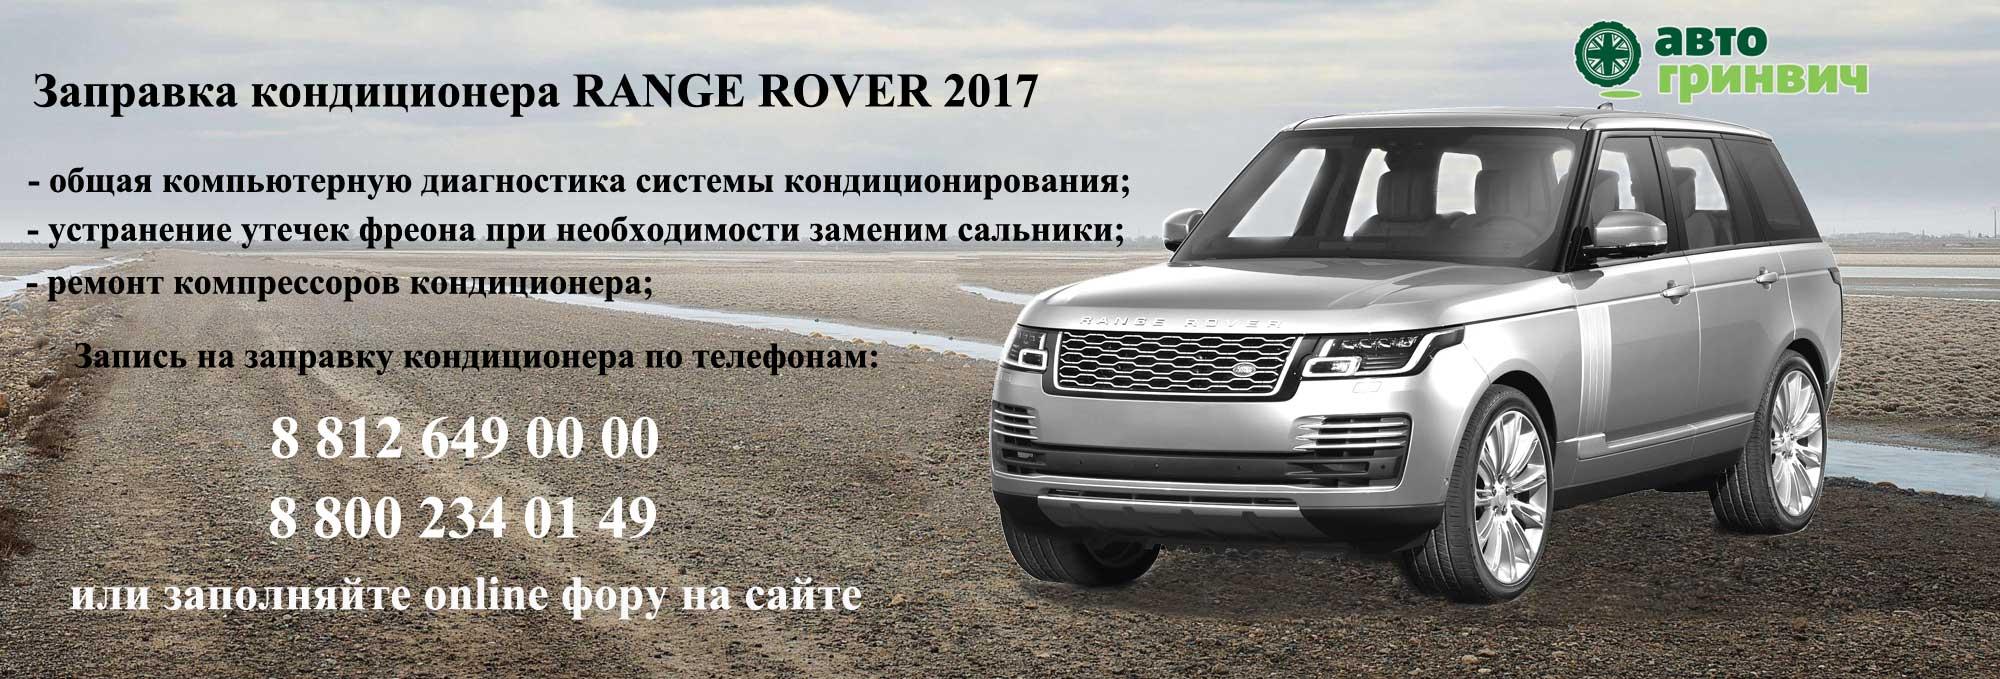 Заправка кондиционера Range Rover 2017